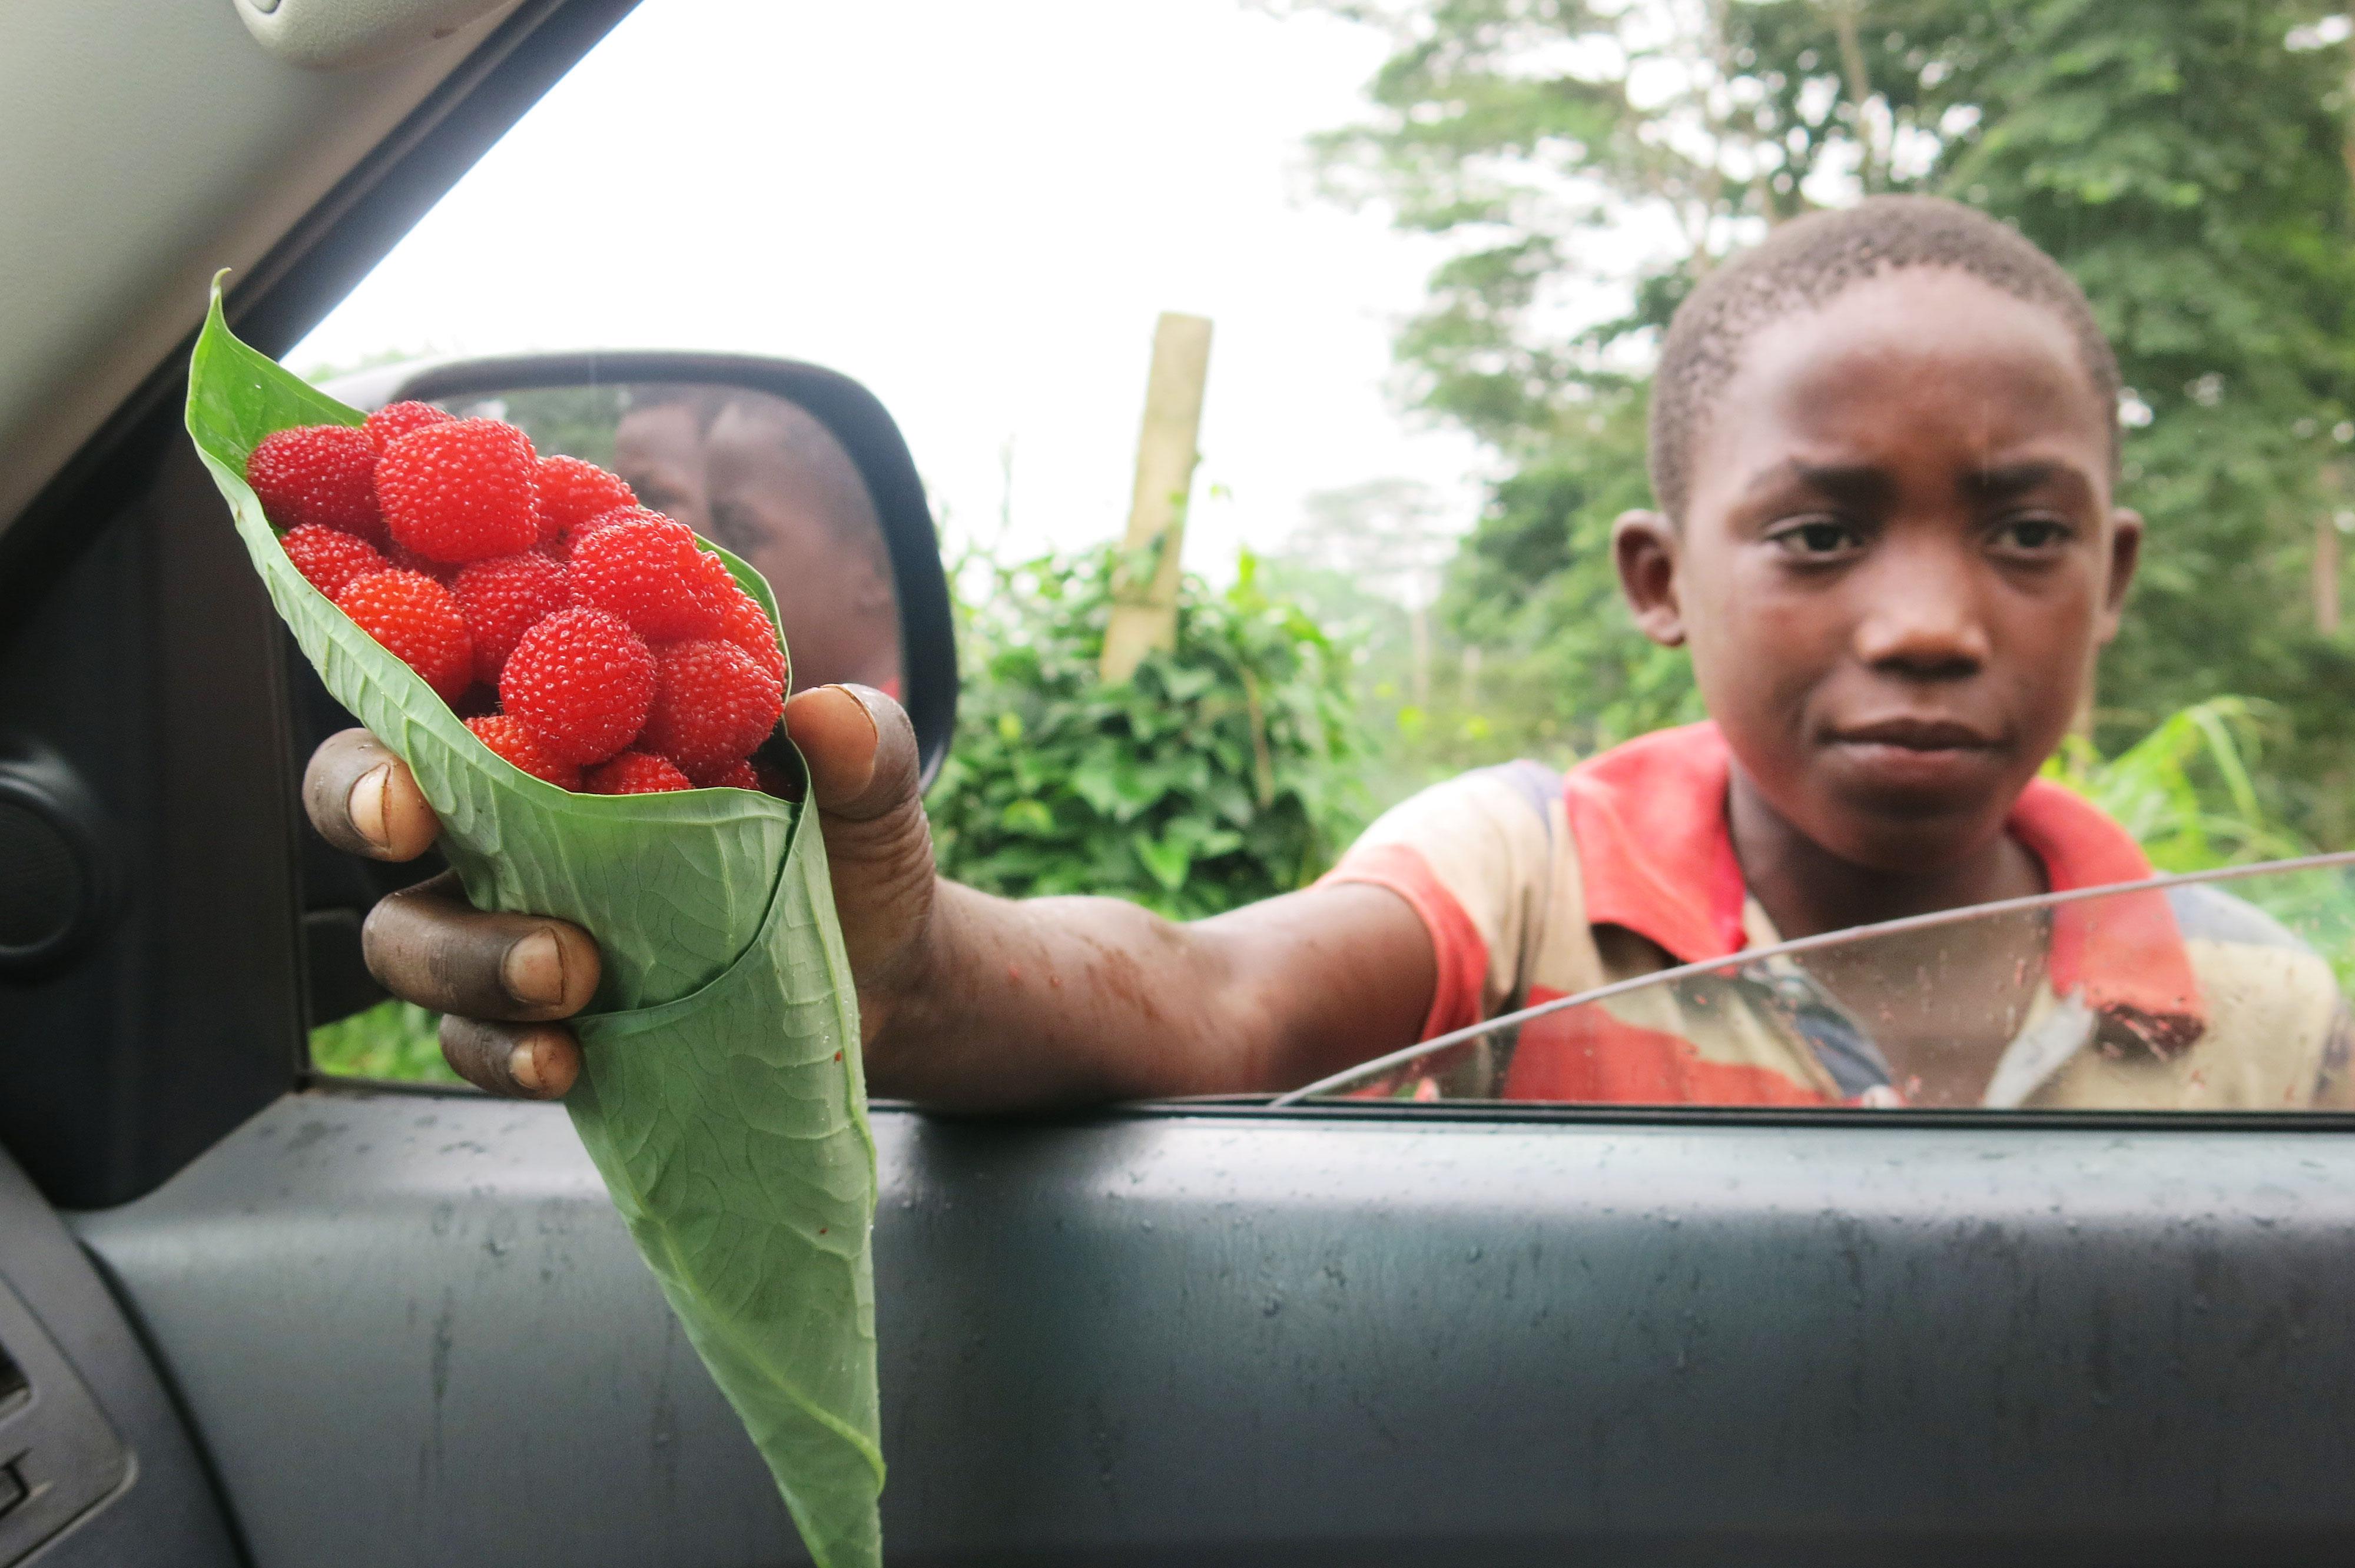 São Tomé und Príncipe - Reisebericht von Pfarrer Danner beim Gemeindenachmittag